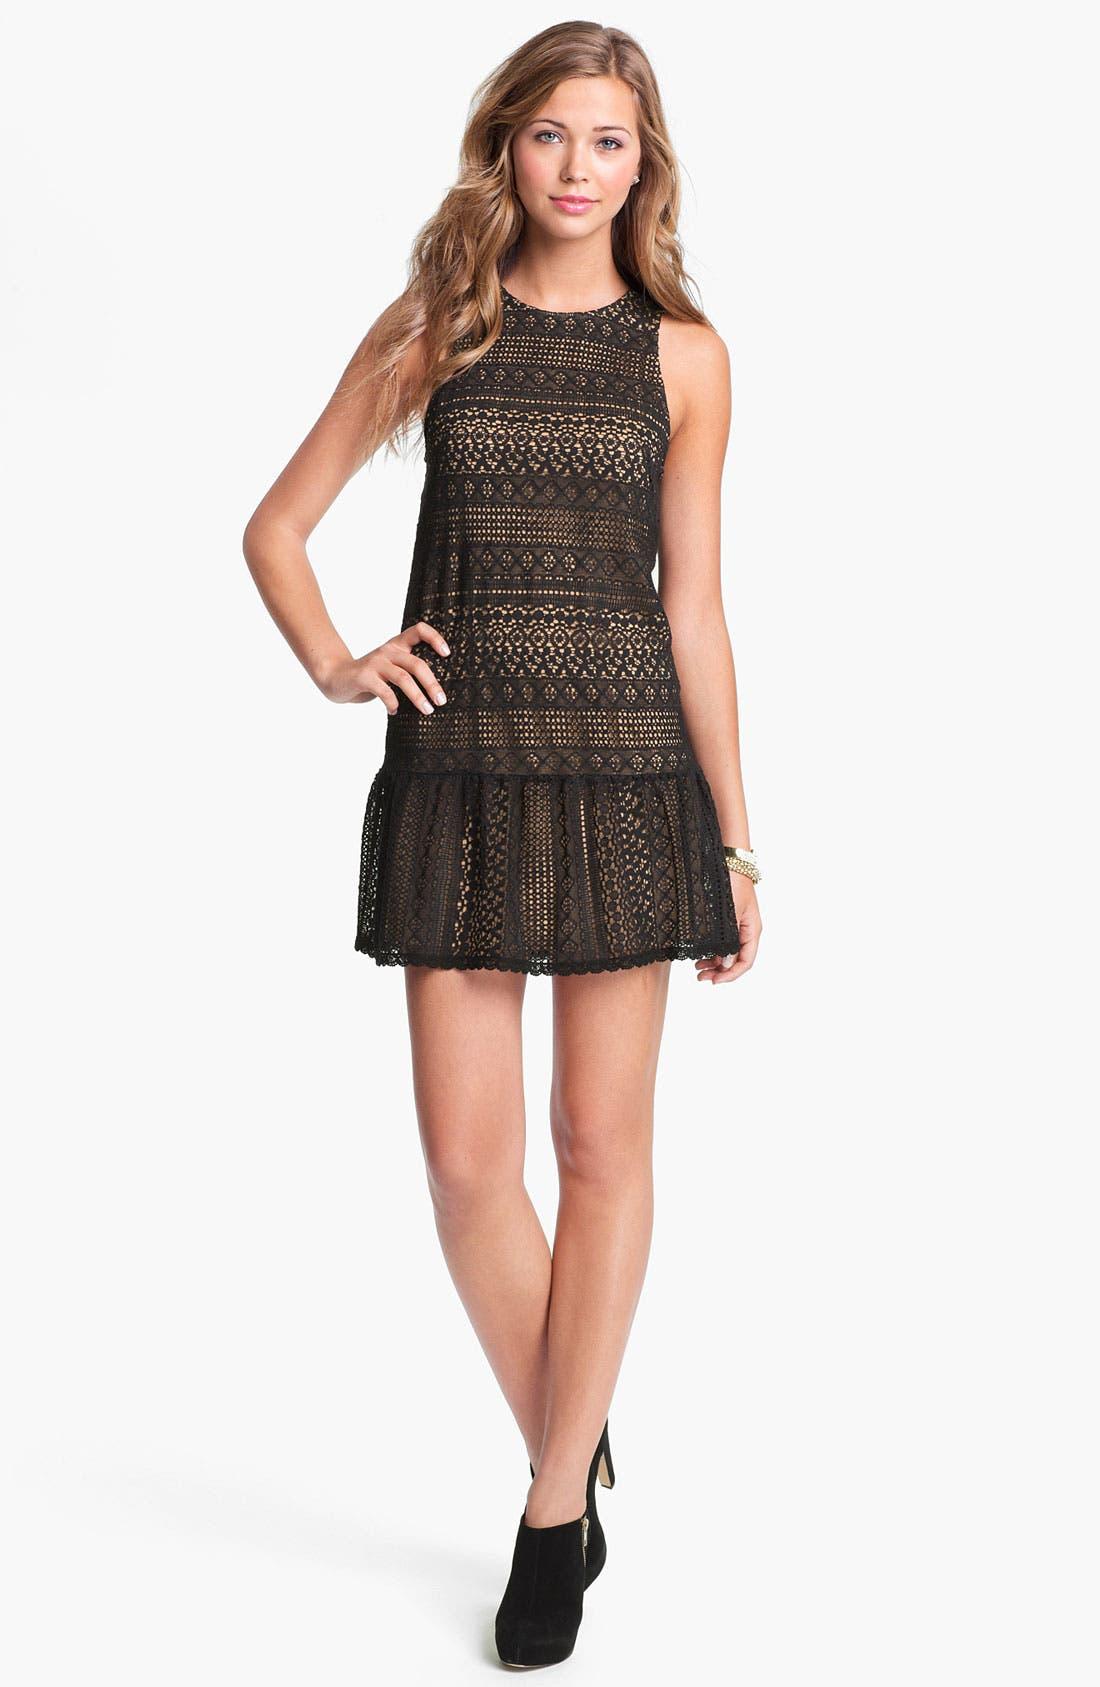 Alternate Image 1 Selected - Lush Crochet Overlay Shift Dress (Juniors)